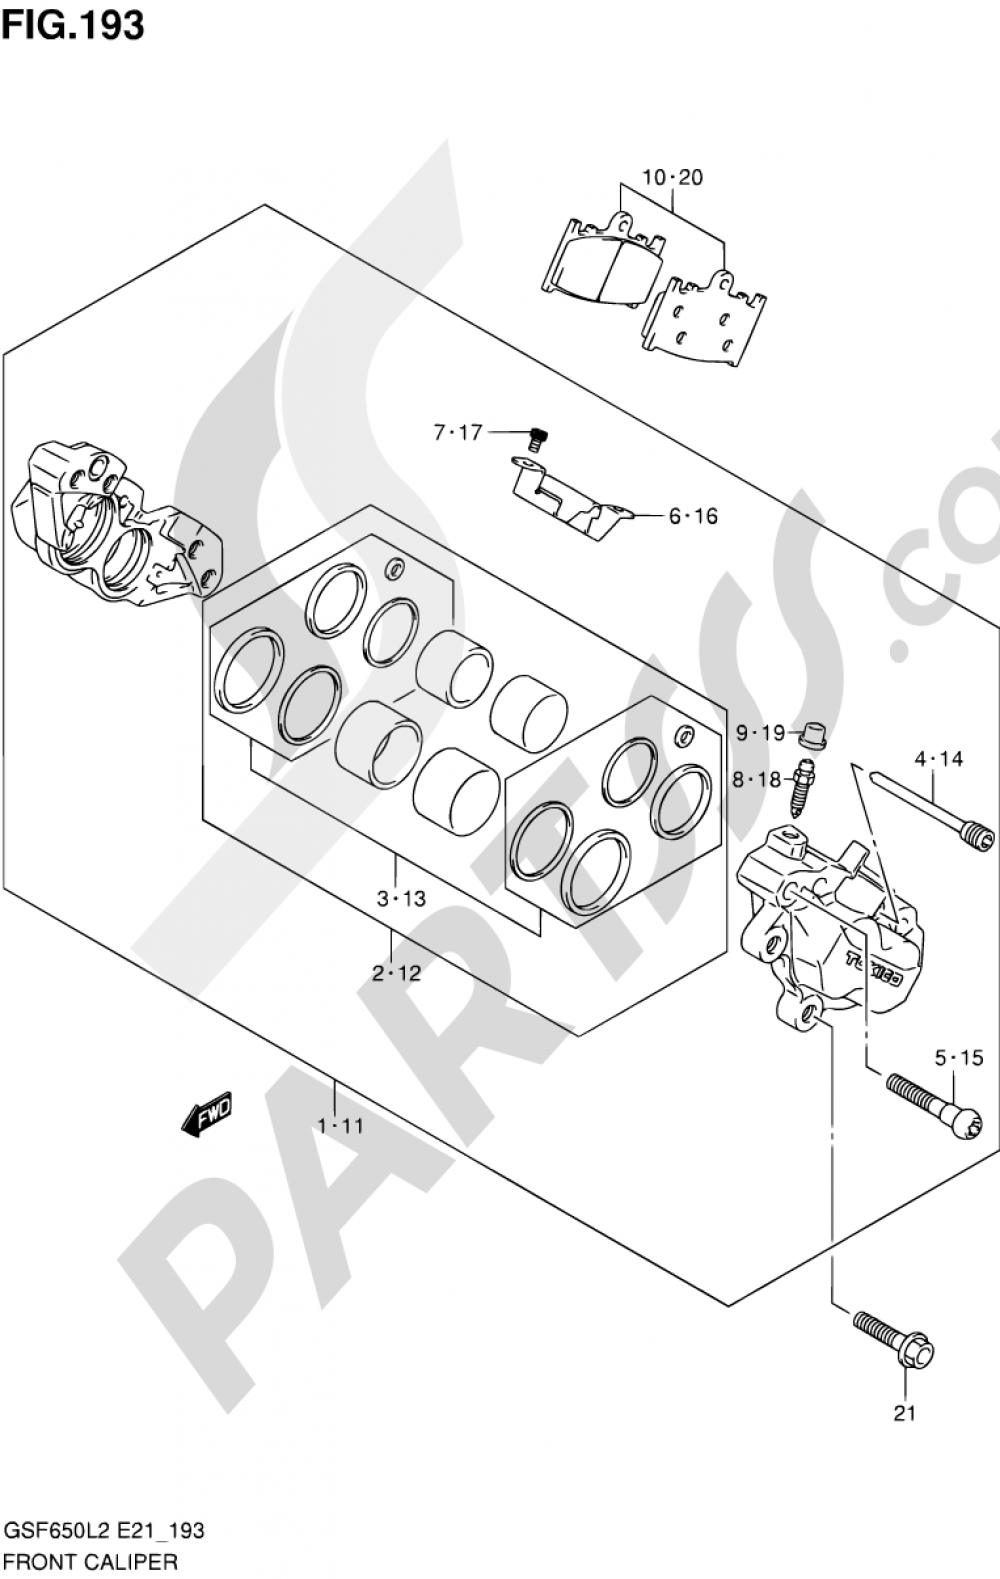 193 - FRONT CALIPER (GSF650SL2 E21) Suzuki BANDIT GSF650S 2012